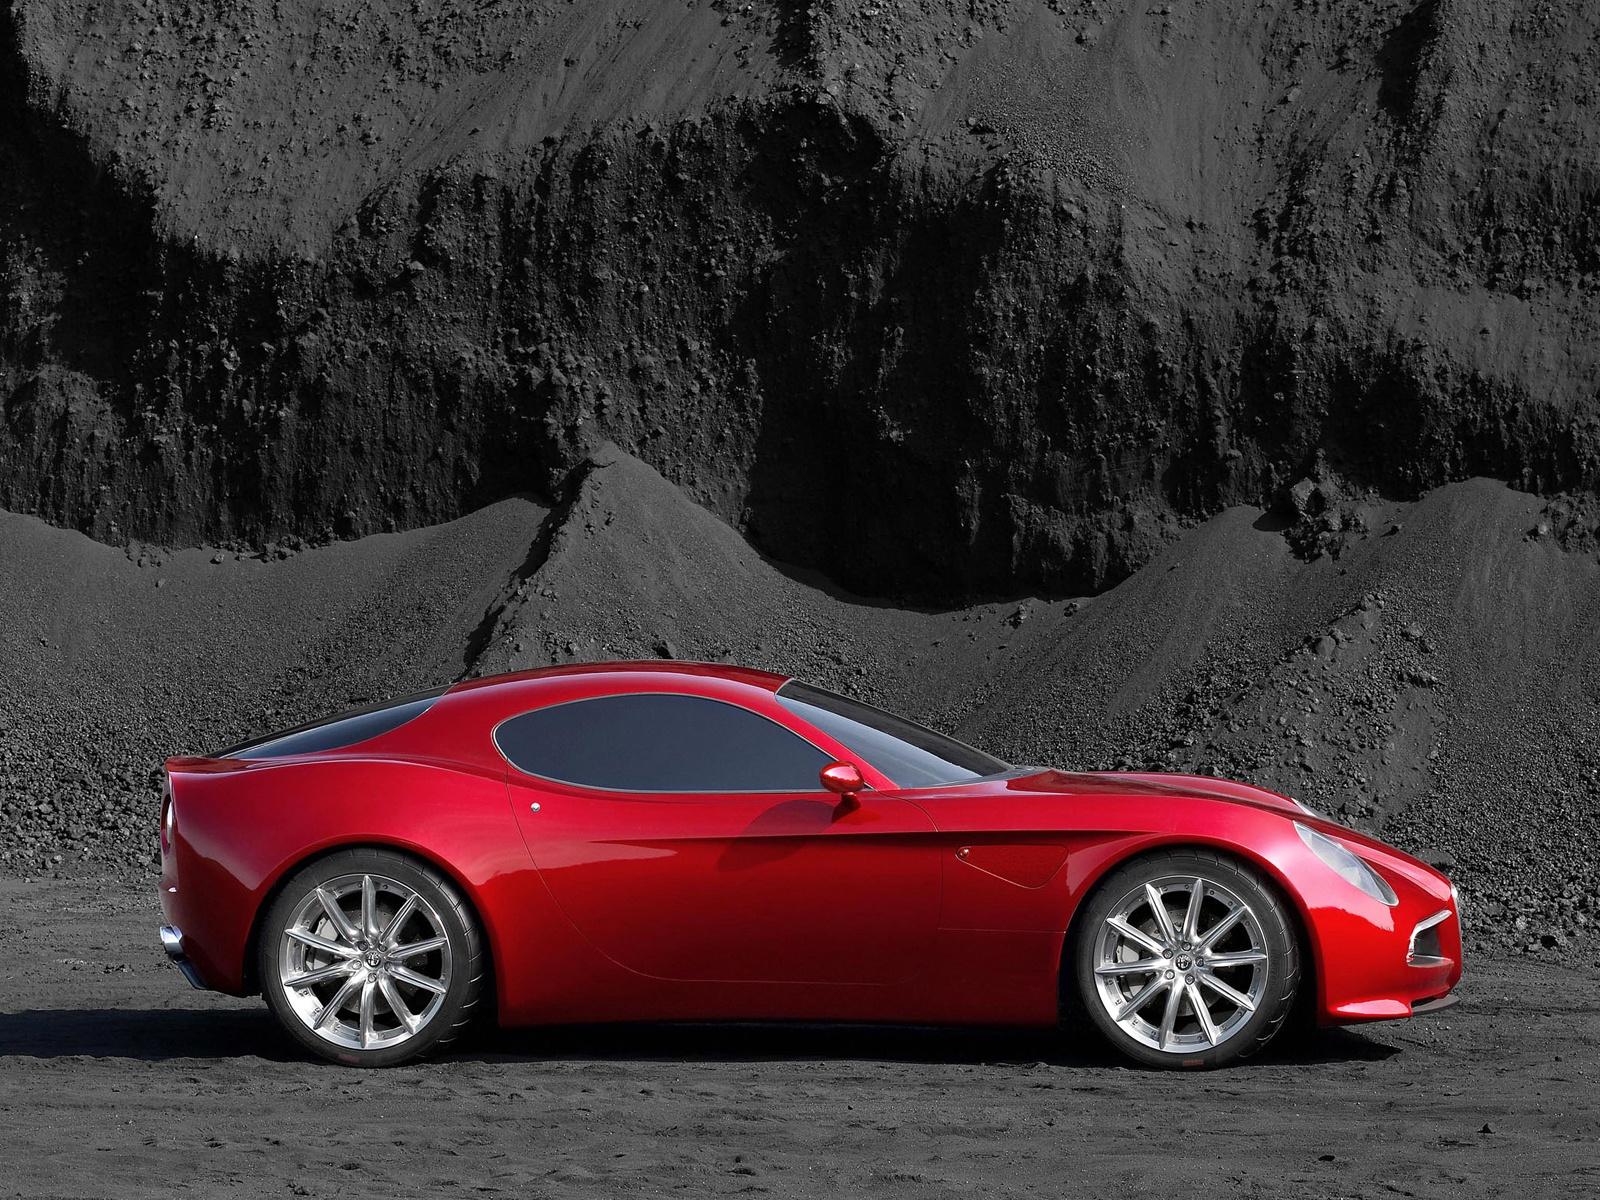 alfa romeo 8c images start 0 WeiLi Automotive Network